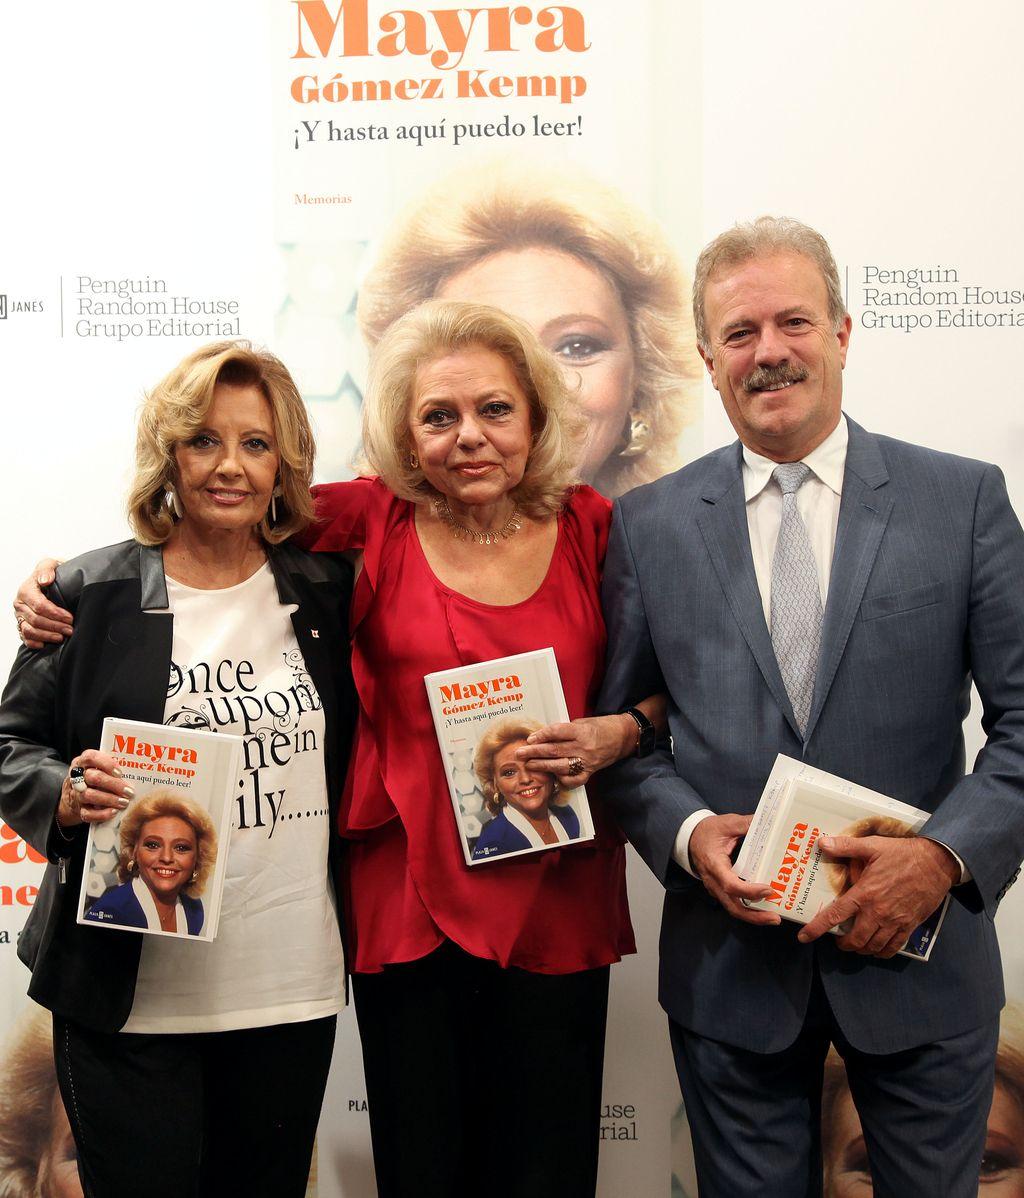 Maria Teresa Campos y Mayra Gomez Kemp. Presentacion memorias ¡Y hasta aquí puedo leer!